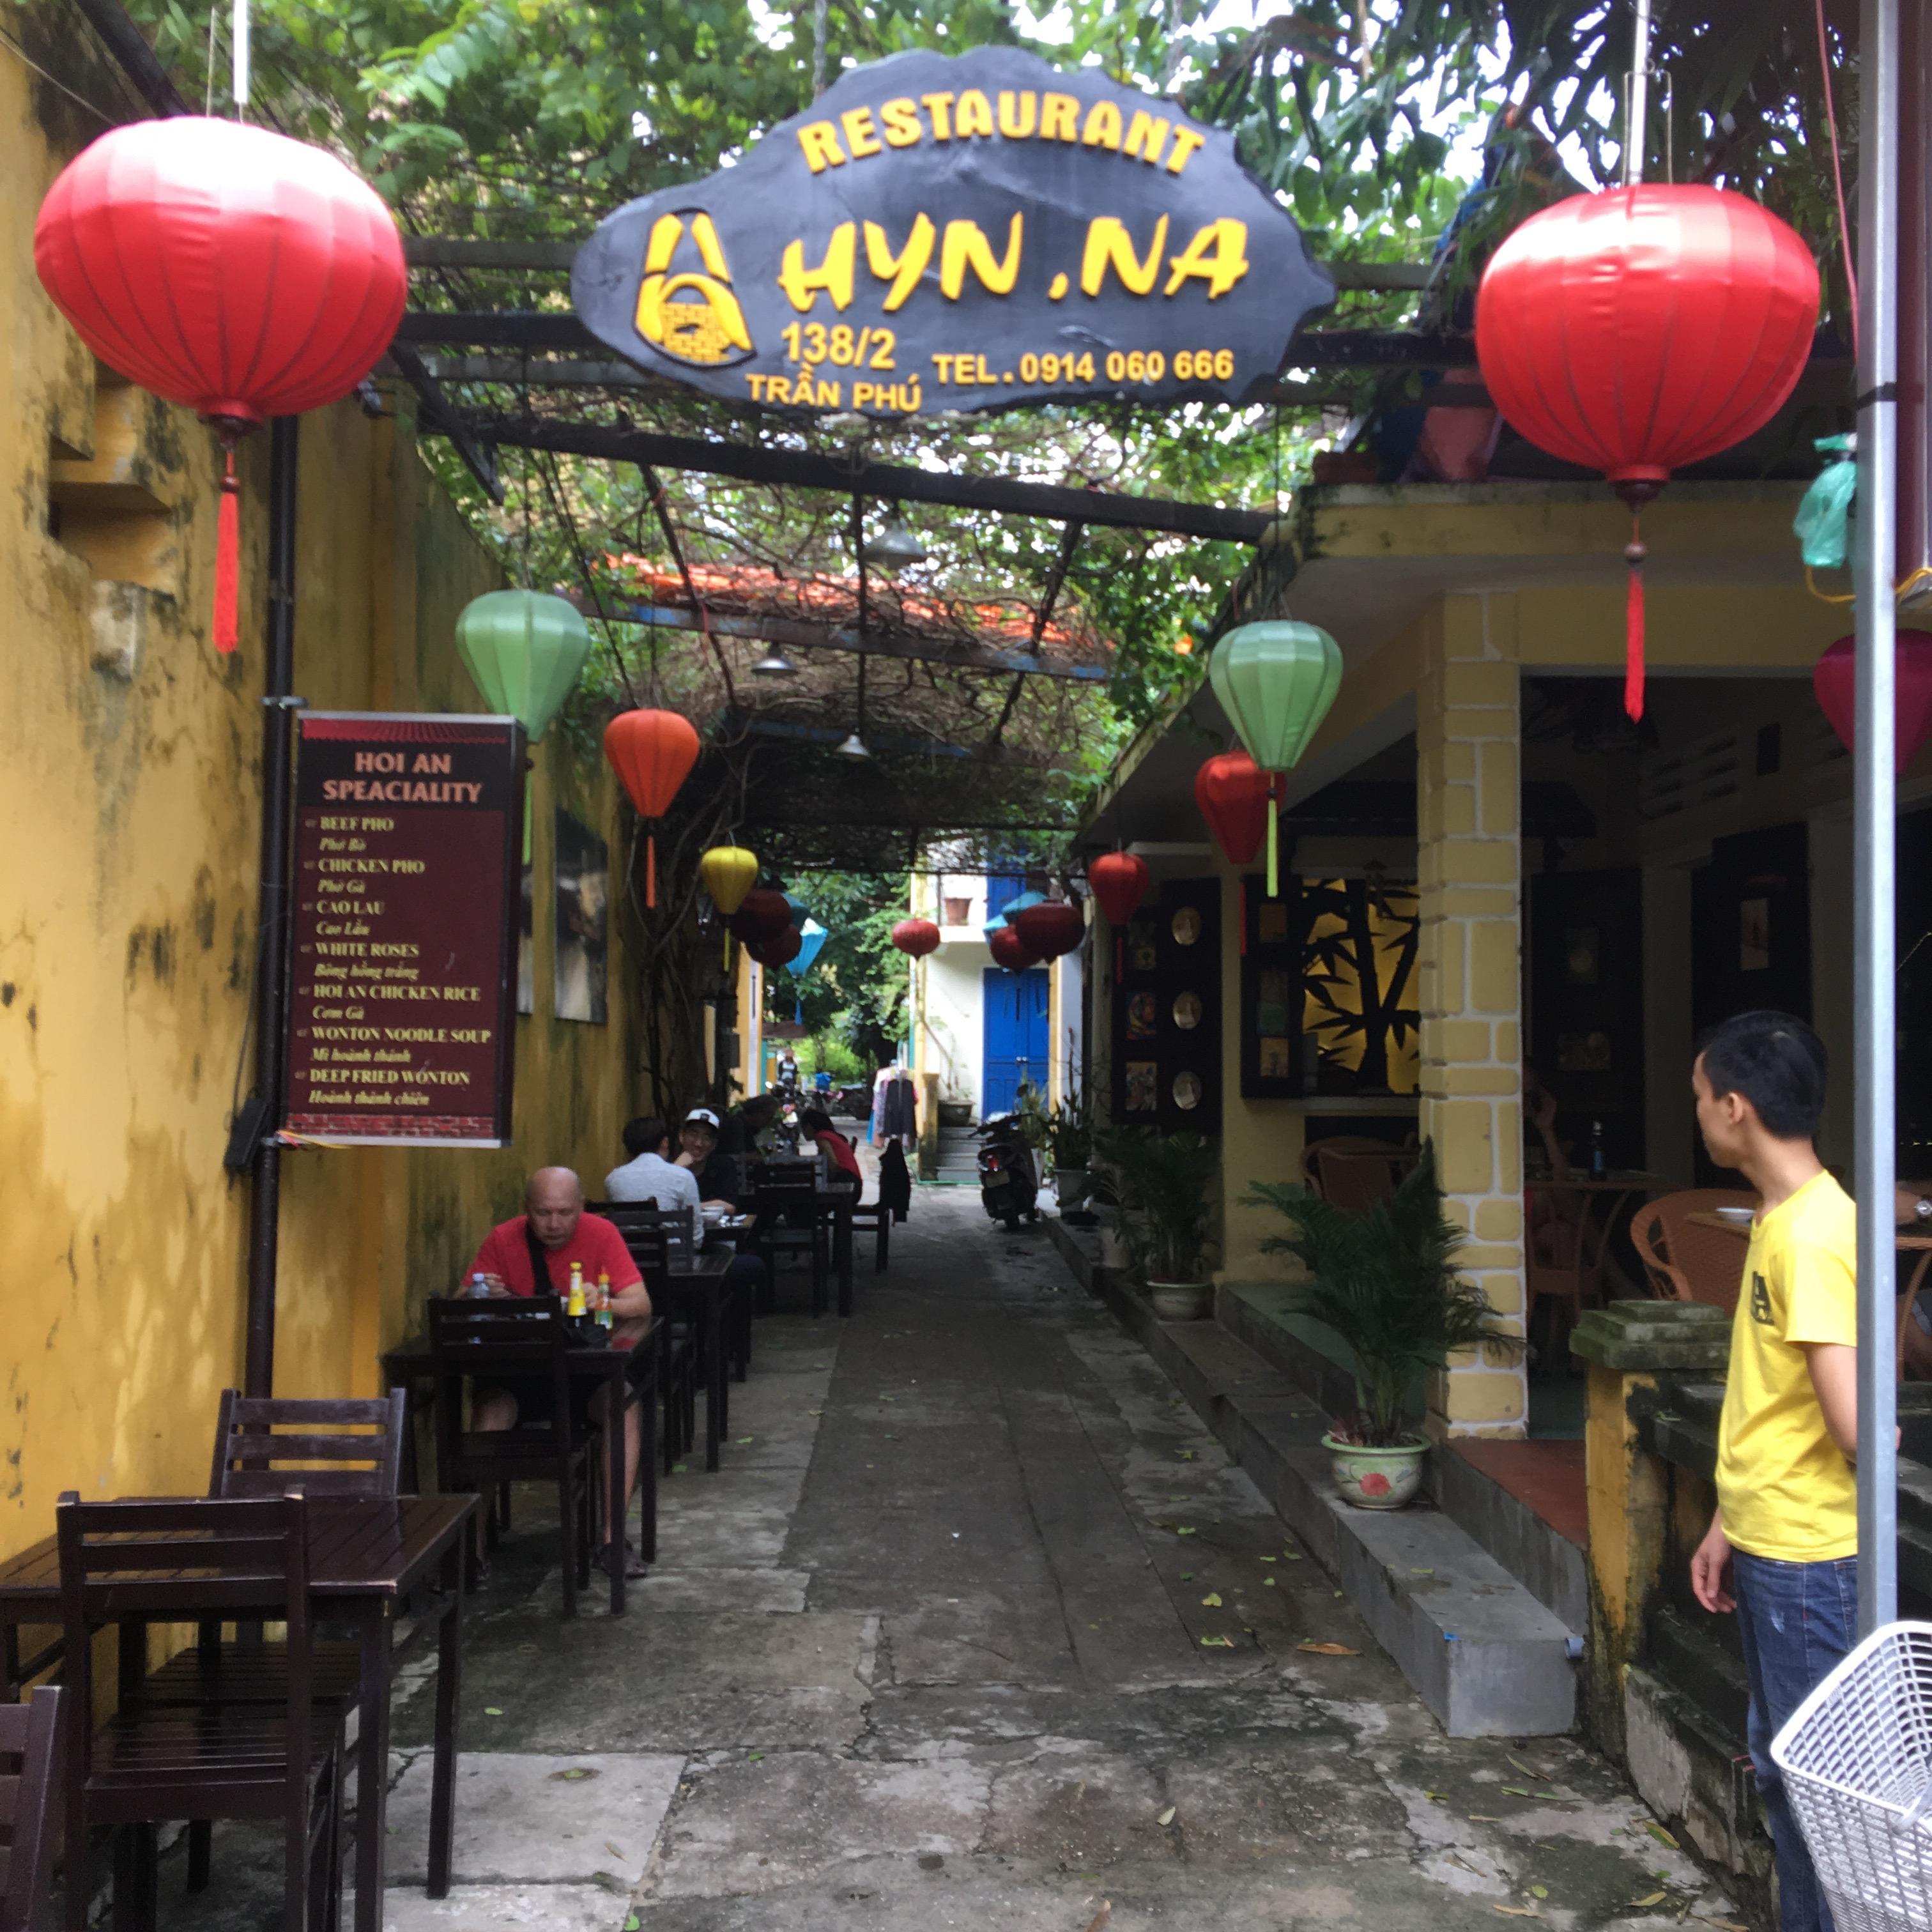 【ベトナム・ダナン旅行】ダナンも良いけど、ホイアンはもっといいかも!街を散歩してカフェでお茶をするそれだけで楽しい街です。